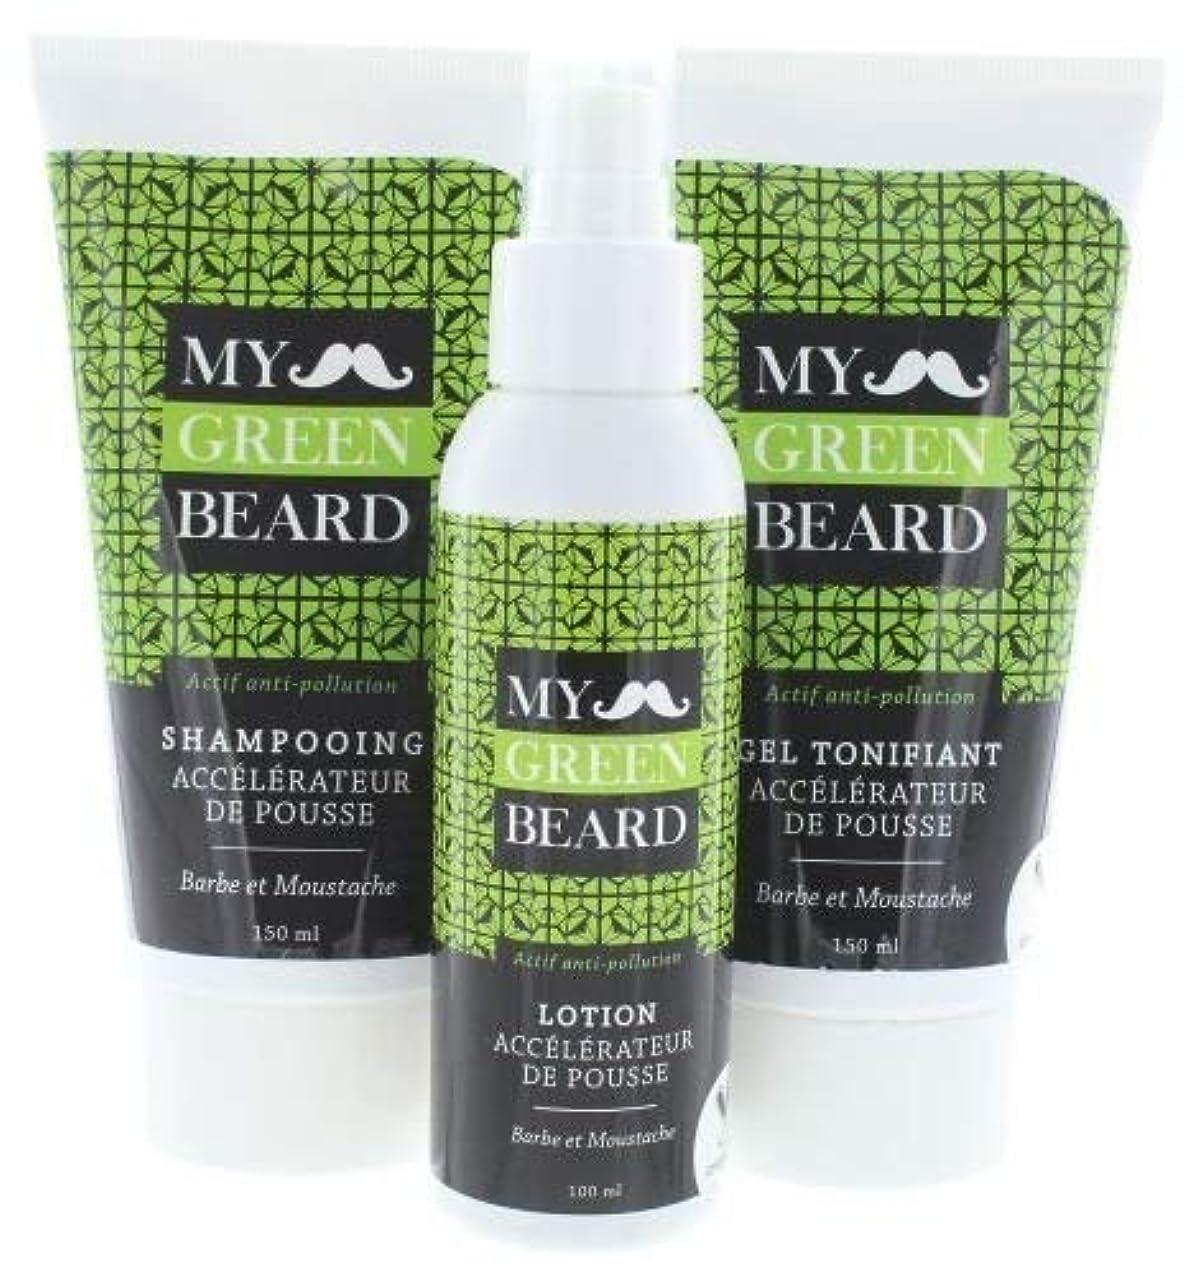 引退するベリ端ひげ成長促進剤ローション+シャンプー+ゲル - schnelleres bartwachstumのための私の緑のひげ